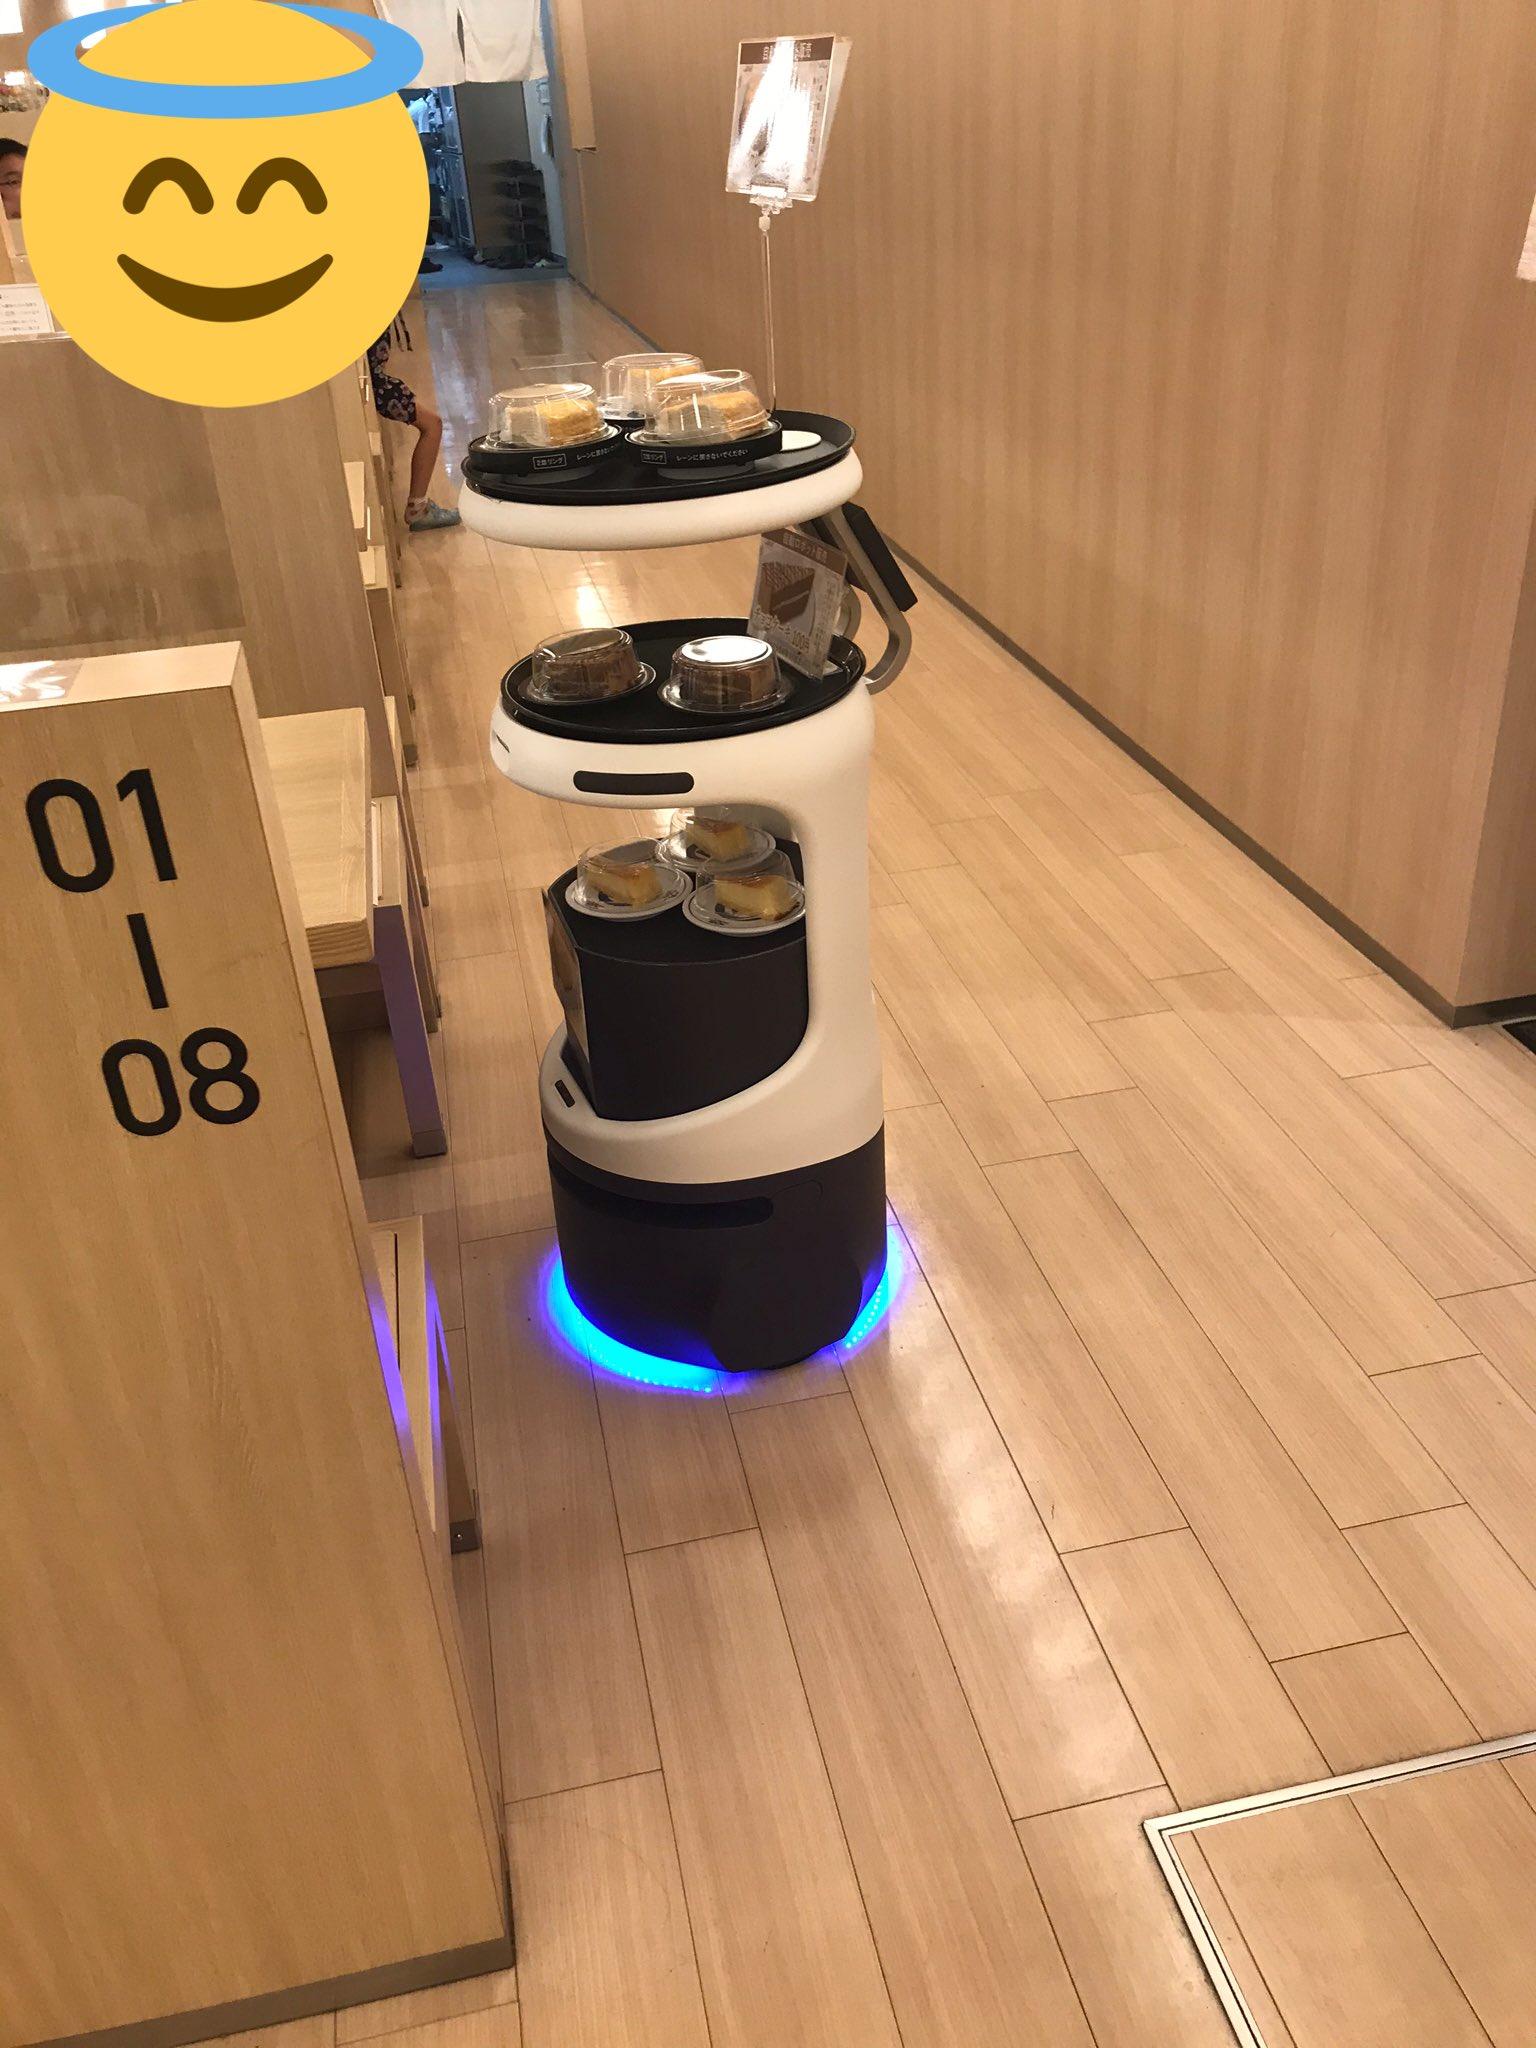 これは買いたくなる!くら寿司でデザートを売り歩くロボット!!